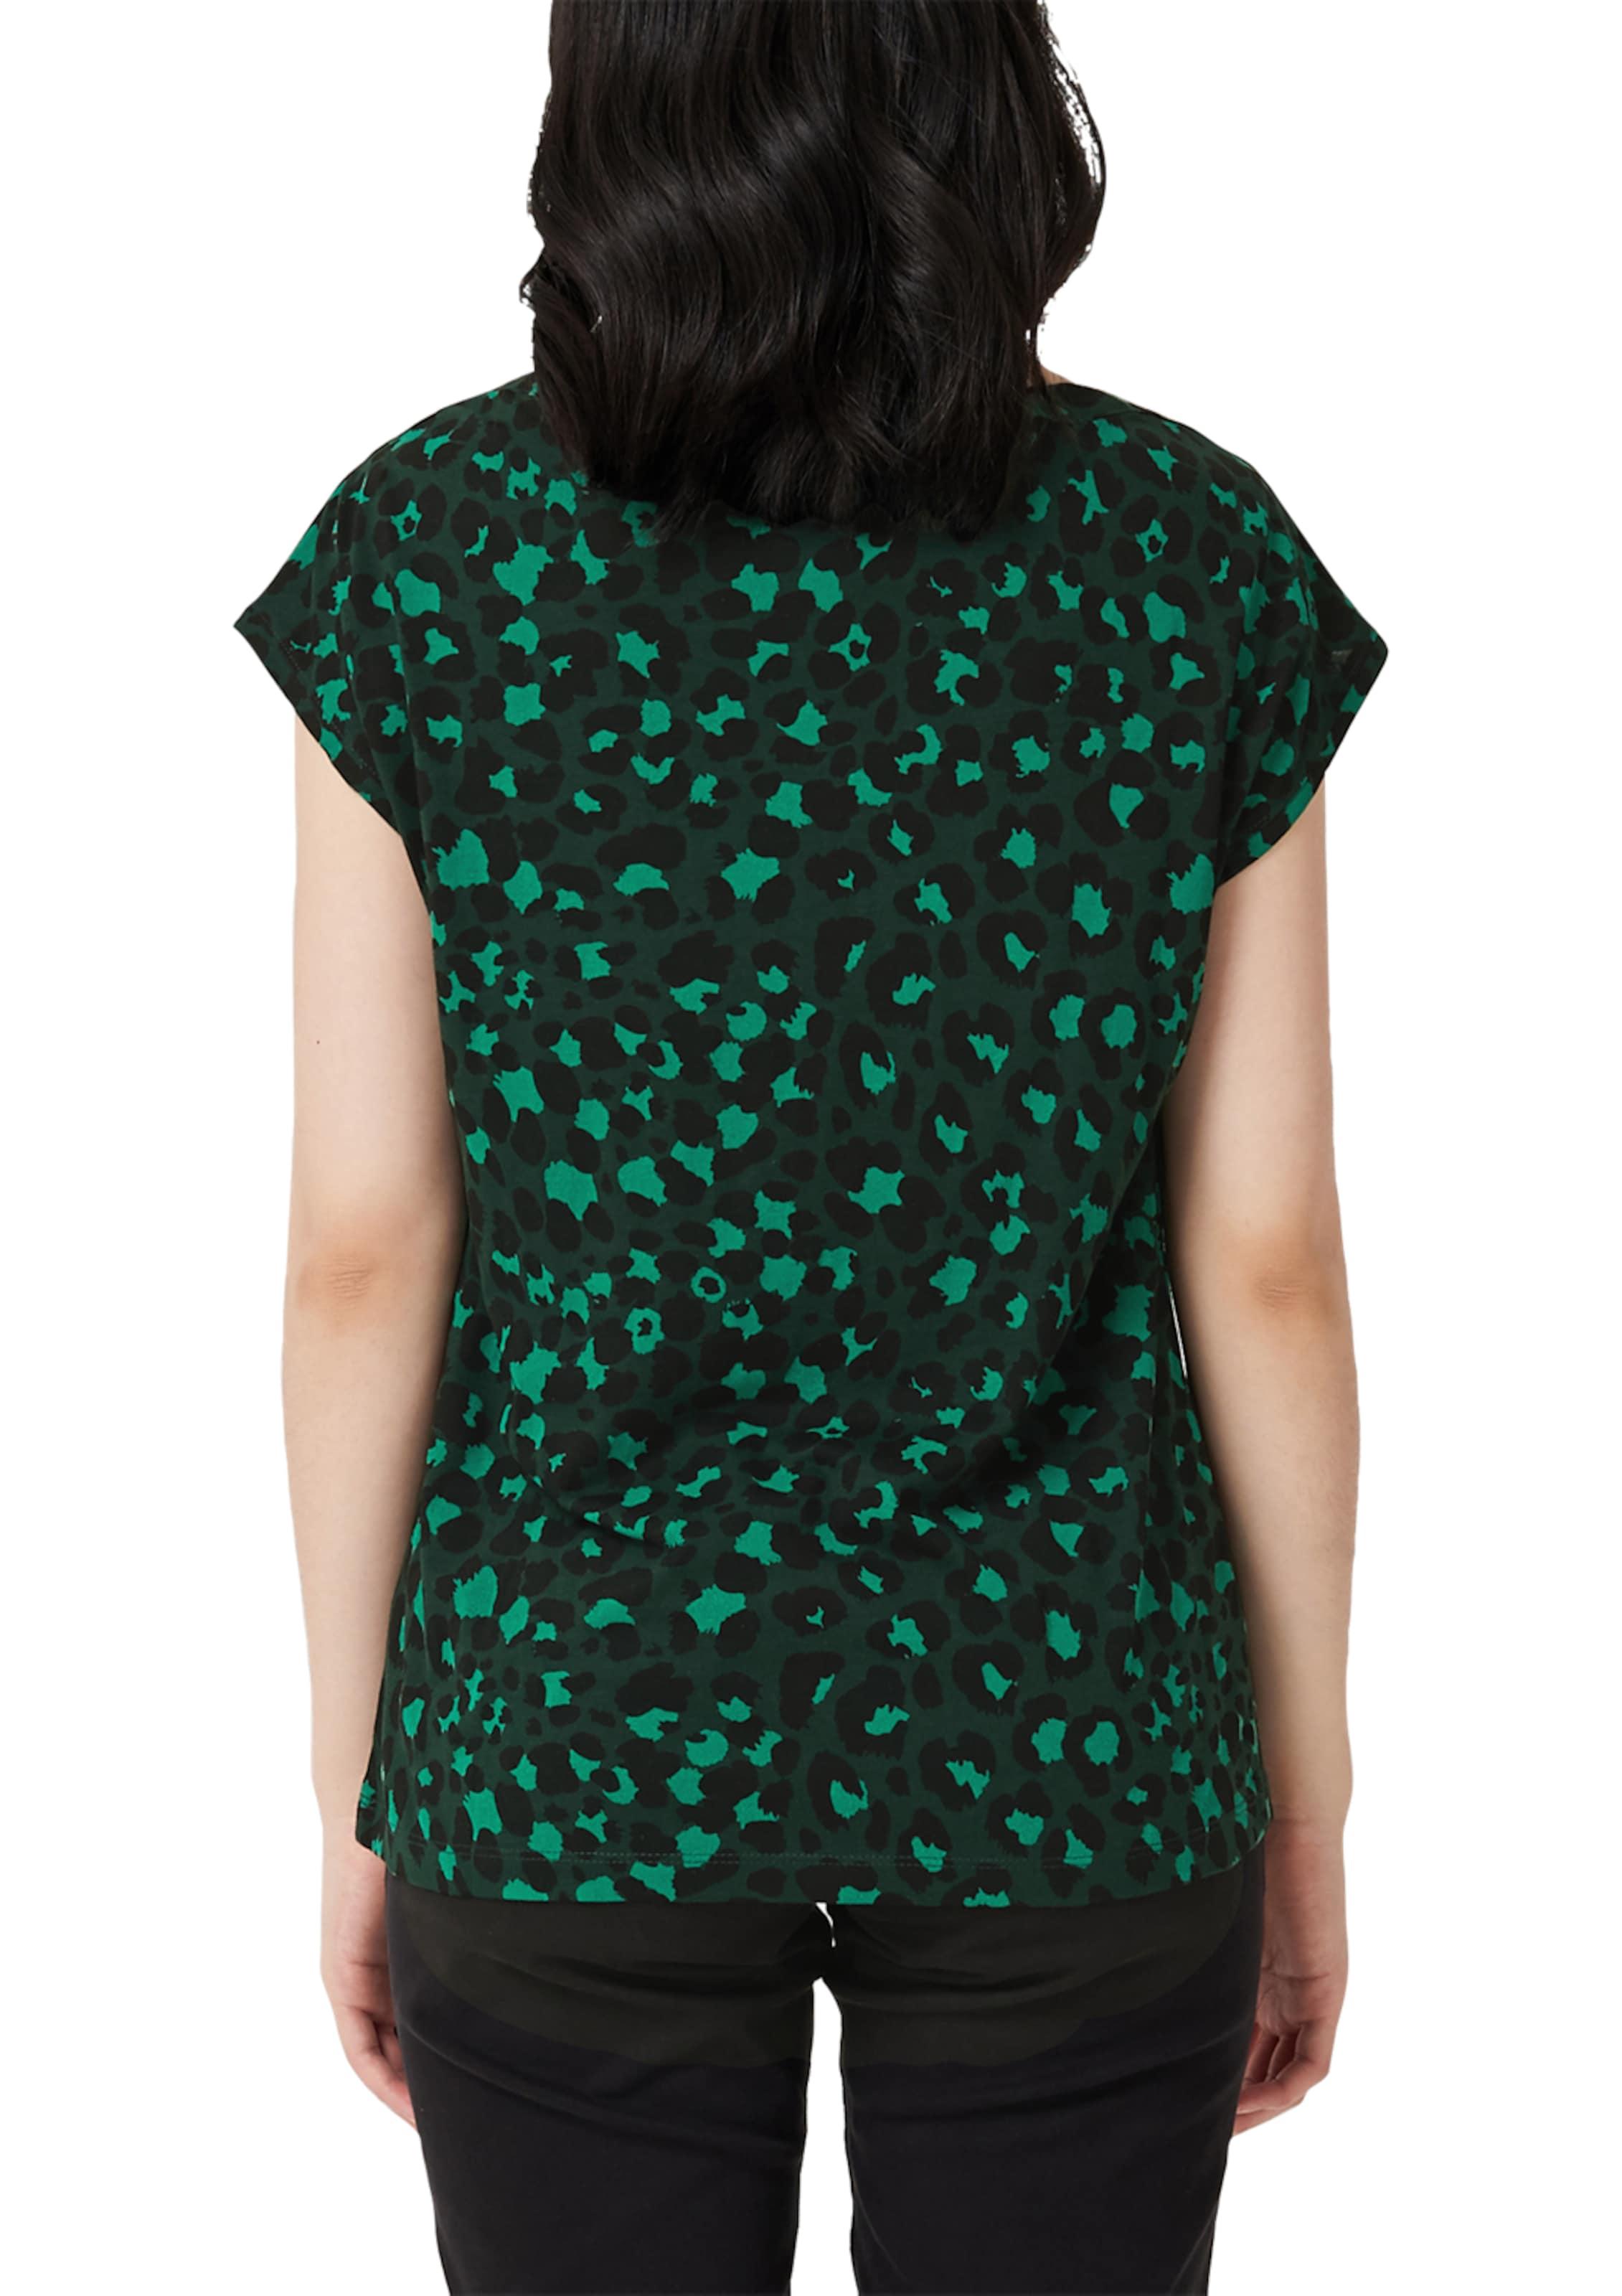 oliver Schwarz GrünDunkelgrün T S shirt In EDH2WI9Y